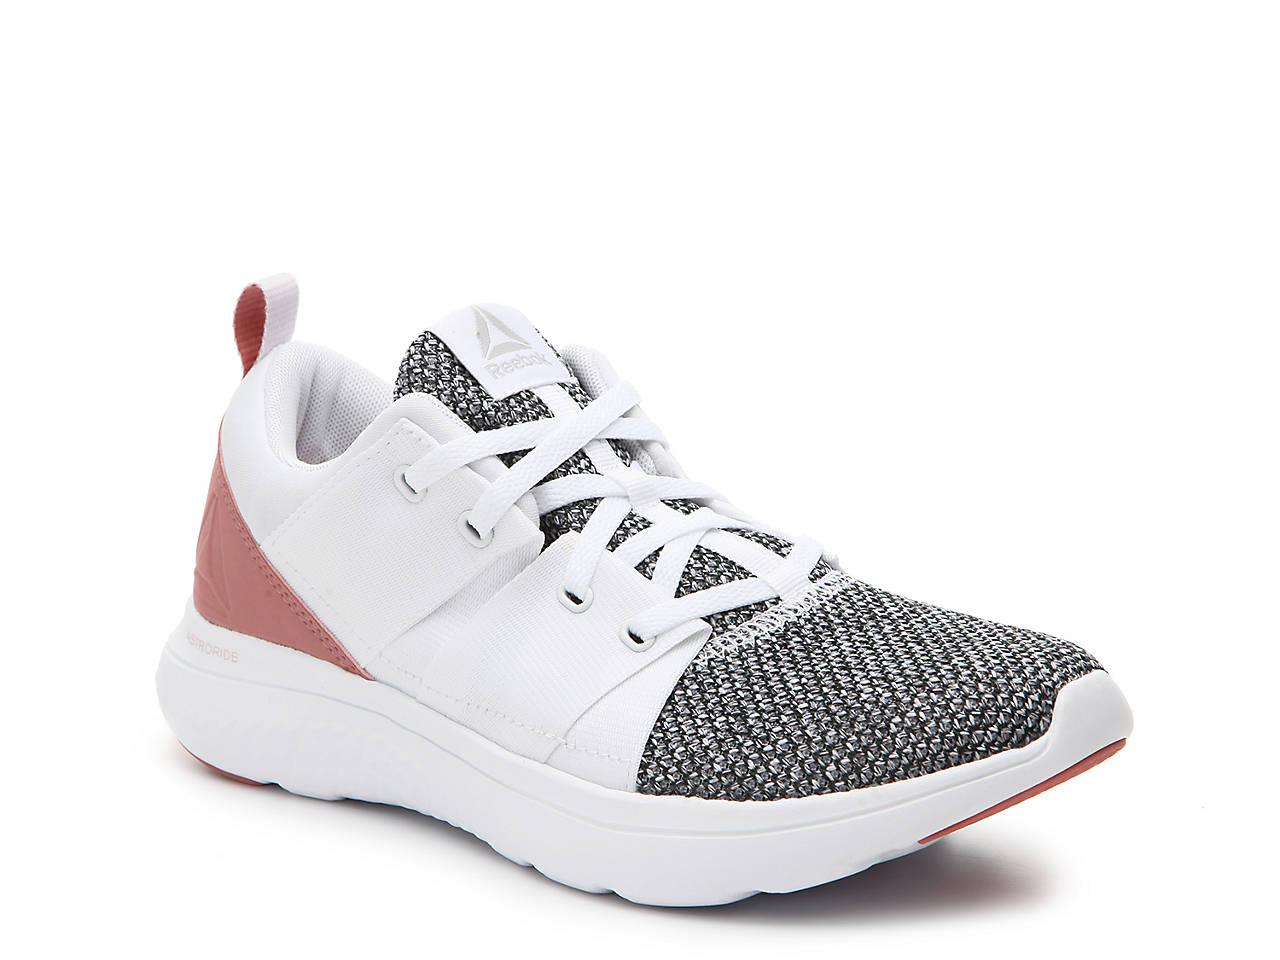 d18ff4104 Reebok Astroride Lightweight Running Shoe - Women s Women s Shoes